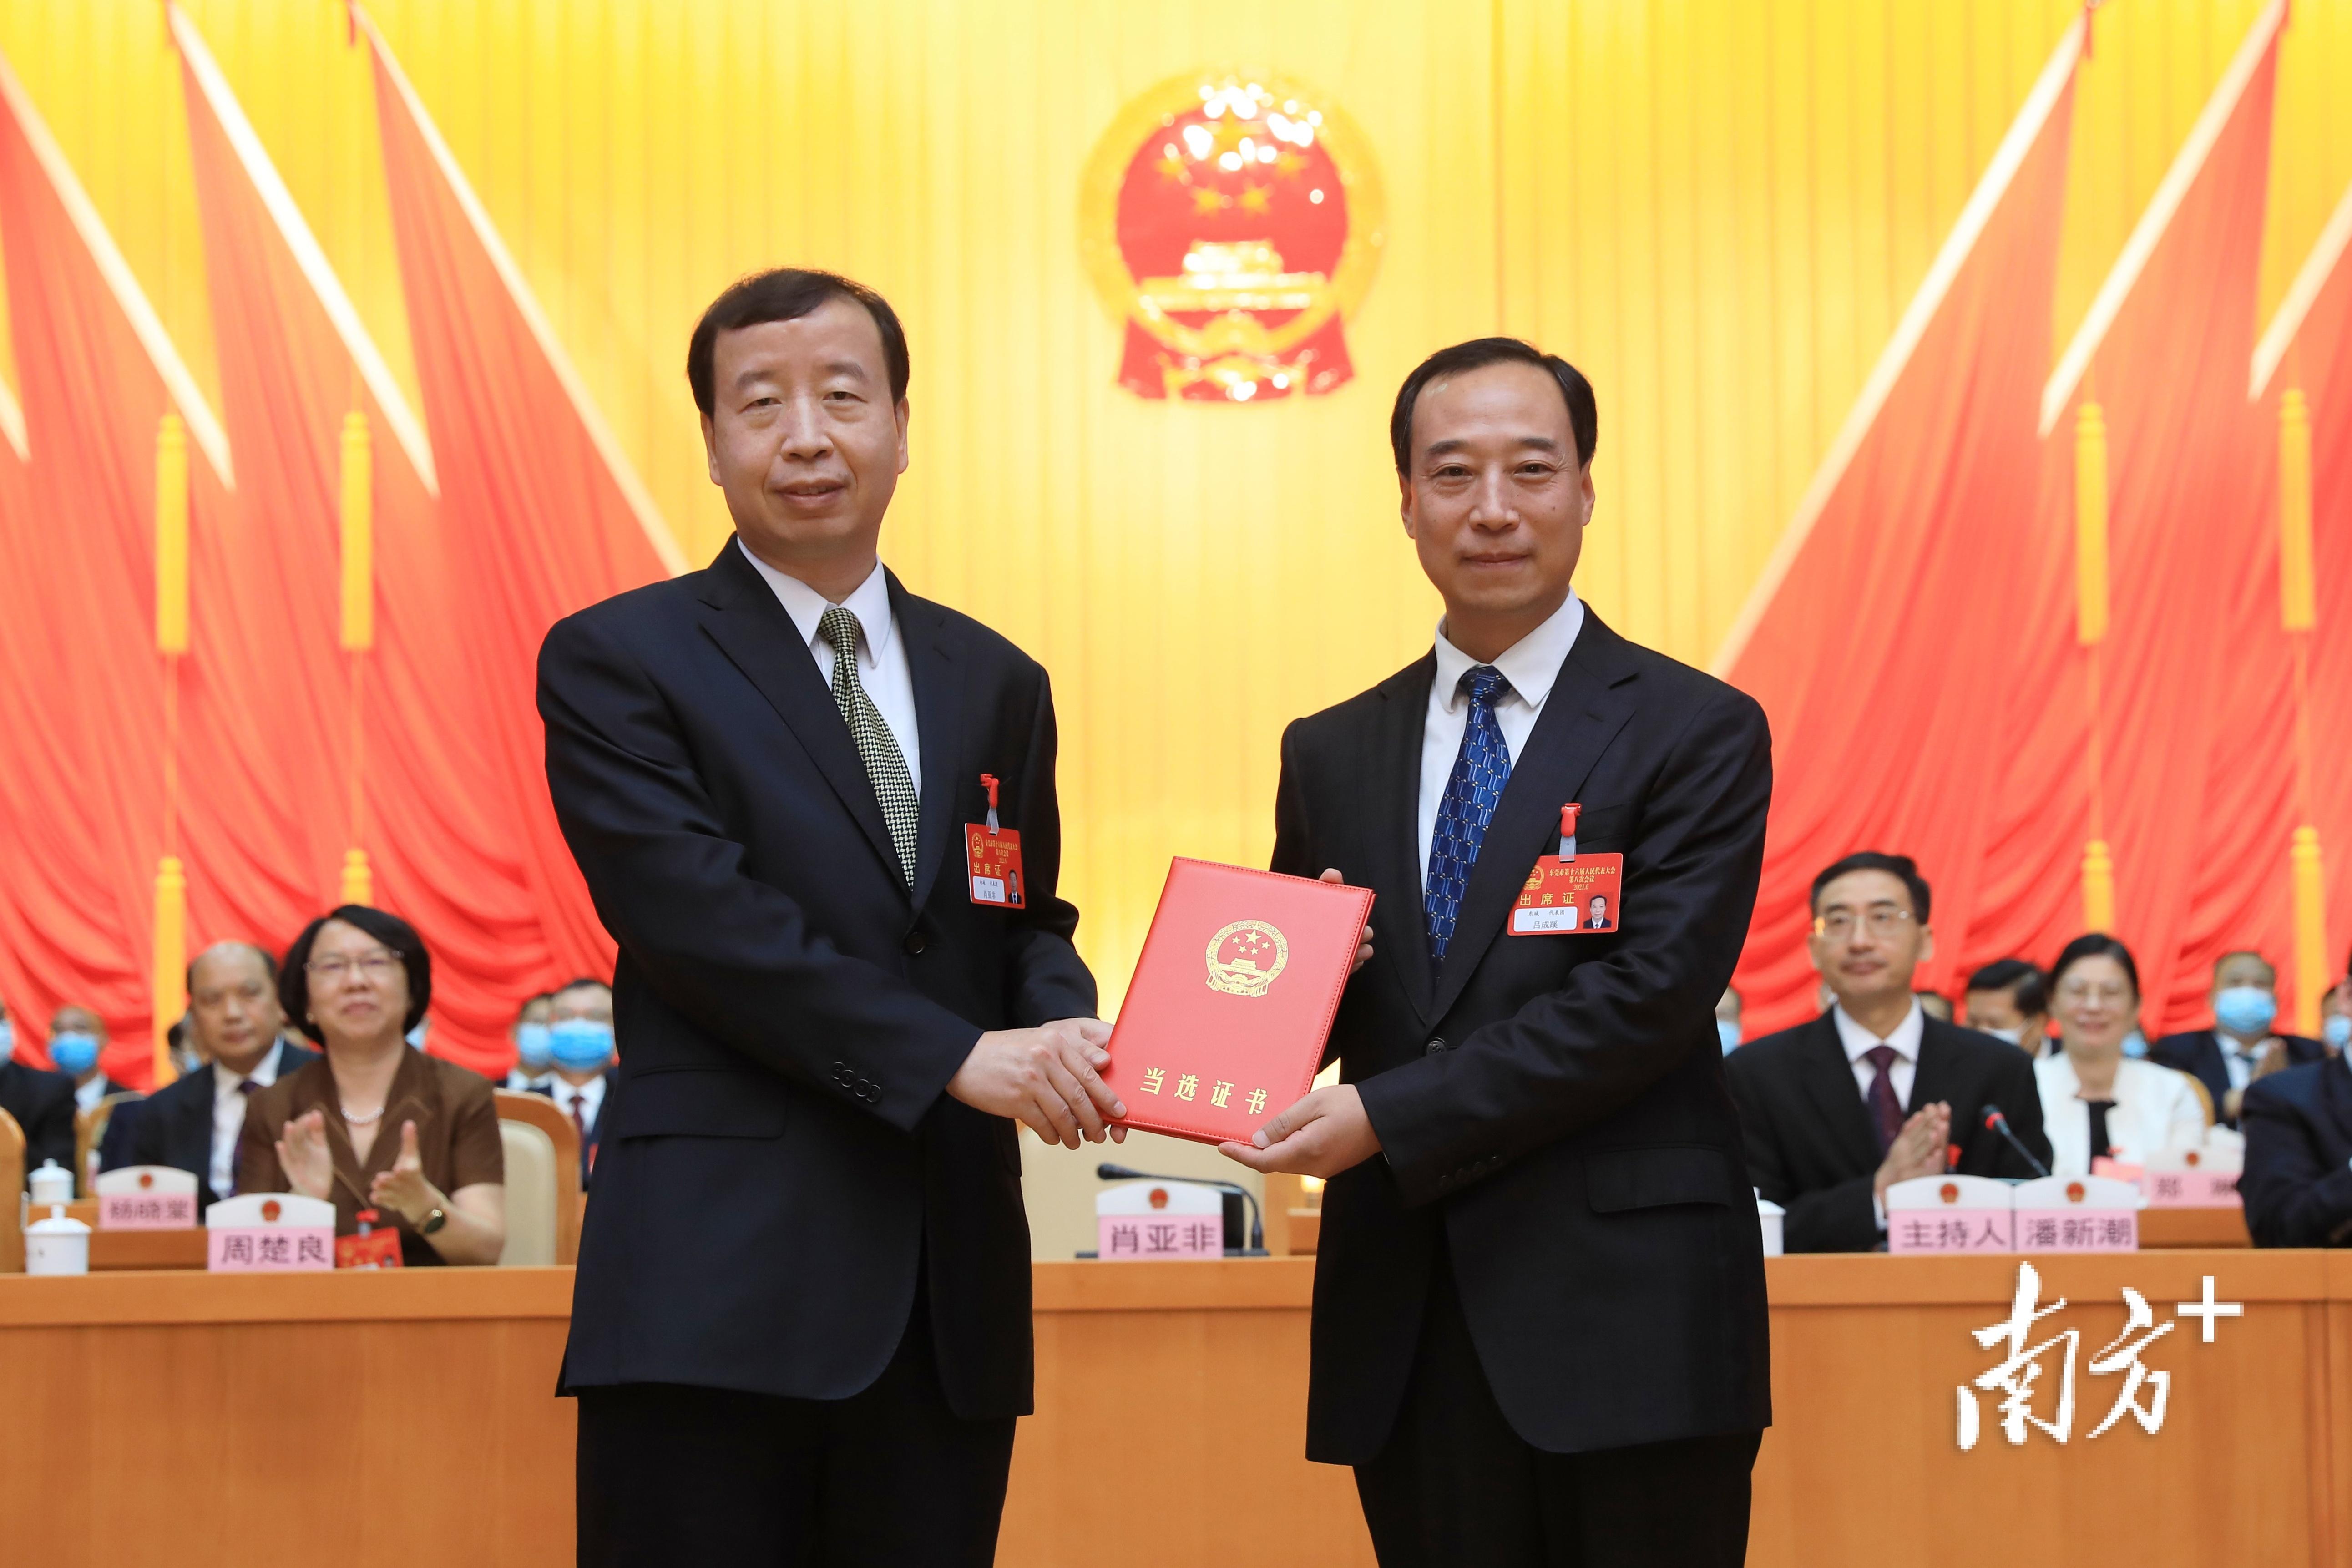 吕成蹊当选为东莞市人民政府市长